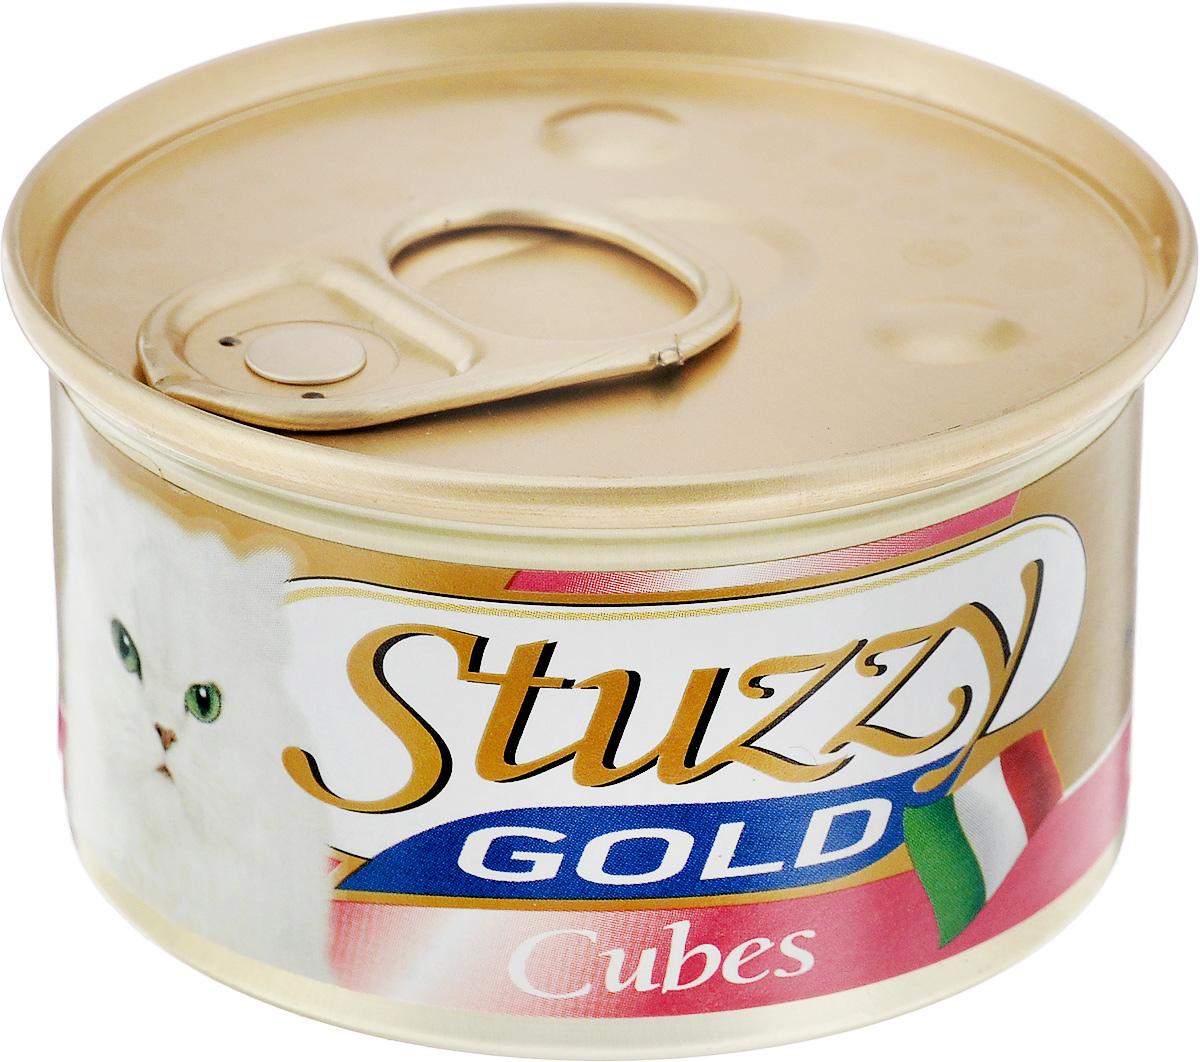 Консервы для взрослых кошек Stuzzy Gold, с курицей, 85 г132.C434Консервы для кошек Stuzzy Gold - это дополнительный рацион для взрослых кошек. Корм обогащен таурином и витамином Е для поддержания правильной работы сердца и иммунной системы. Инулин обеспечивает всасывание питательных веществ, а биотин способствуют великолепному внешнему виду кожи и шерсти. Корм приготовлен на пару, не содержит красителей и консервантов. Состав: мясо и мясные субпродукты 55% (из них курица 23%).Питательная ценность: белок 9%, жир 5,5%, клетчатка 0,1%, зола 2%, влажность 80%.Питательные добавки (на кг): витамин А 1177 МЕ, витамин D3 700 МЕ, витамин Е 40 мг,таурин 300 мг, железо 63,14 мг, цинк 40,8 мг, медь 2,32 мг, марганец 3,25 мг, селен 0,155 мг, йод 0,76 мг.Товар сертифицирован.